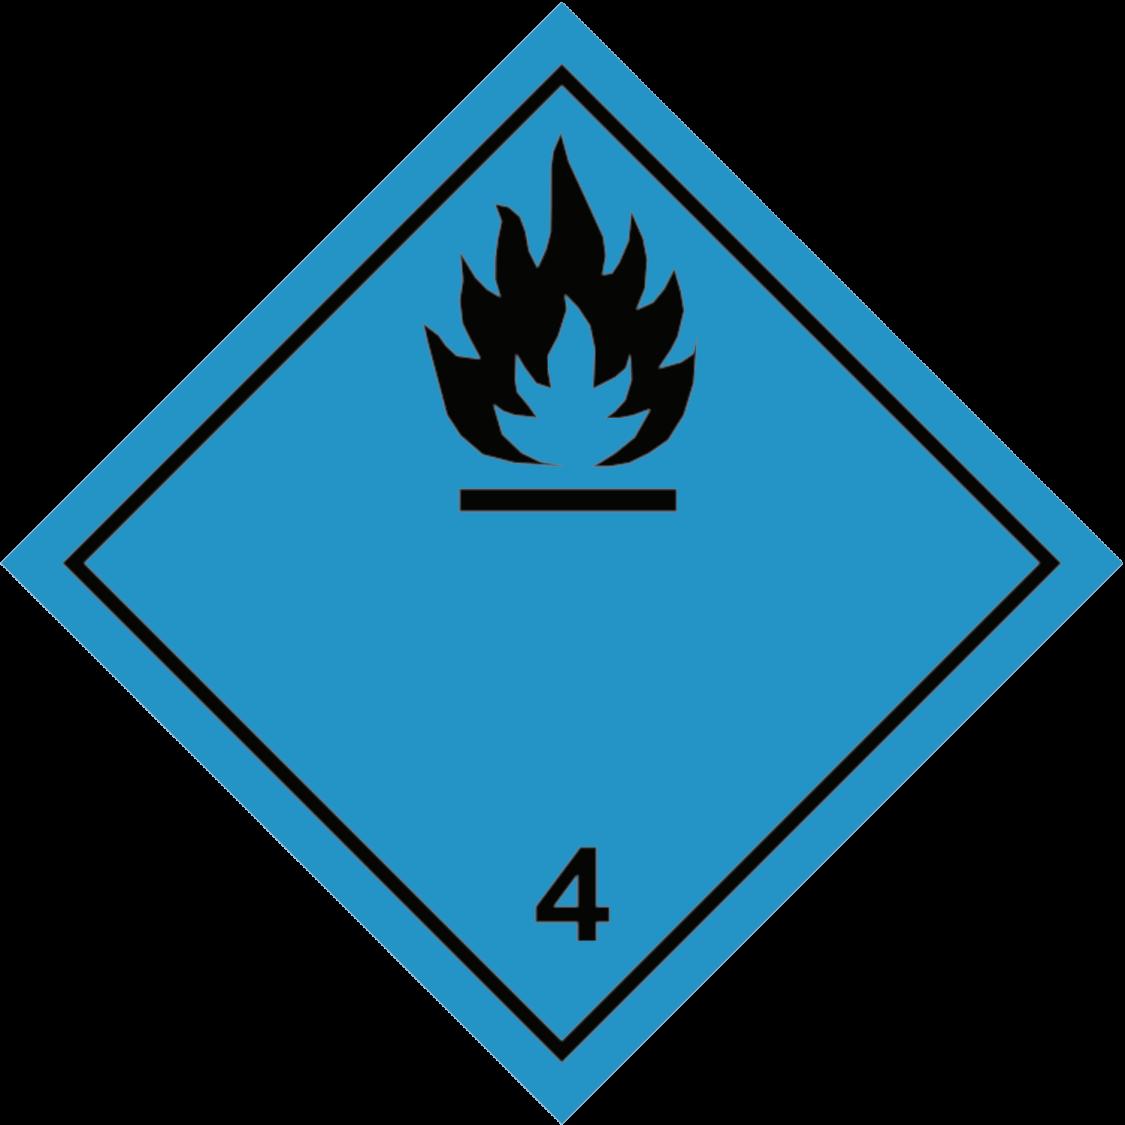 Veega kokkupuutel tuleohtlikke gaase eritavate ainete märgis